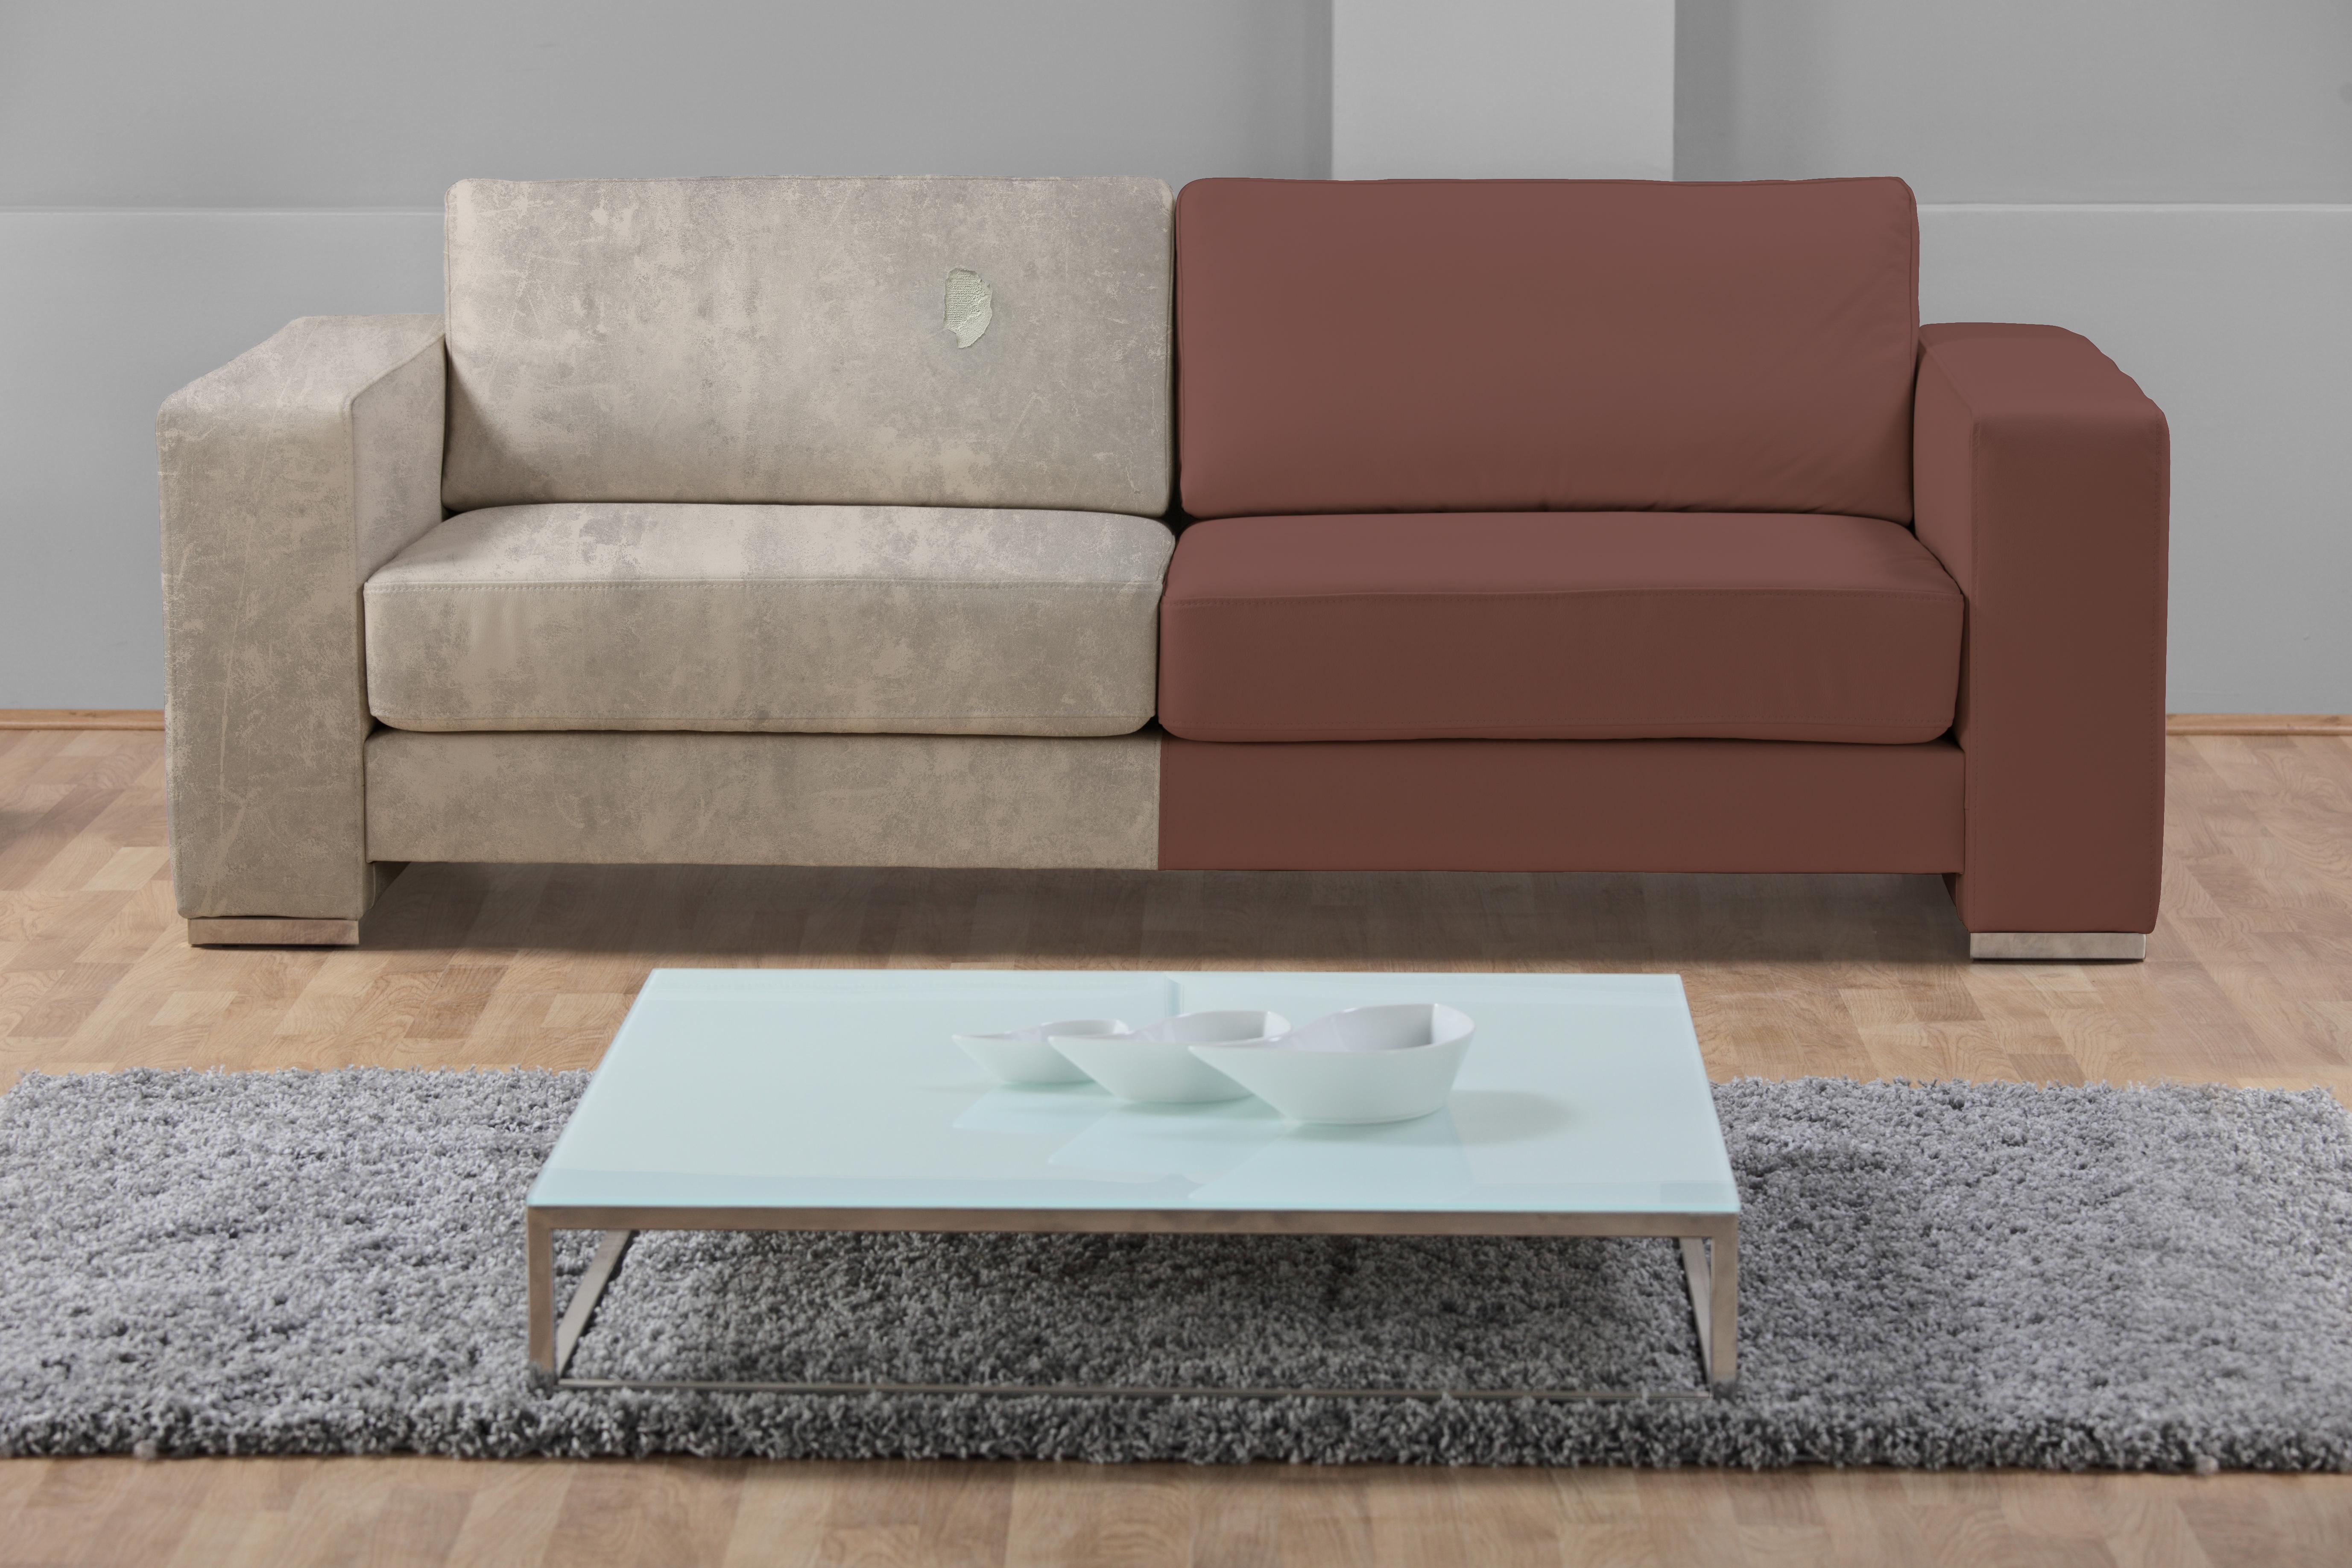 Sofolk, le spécialiste de la rénovation de vos canapés et sièges en cuir